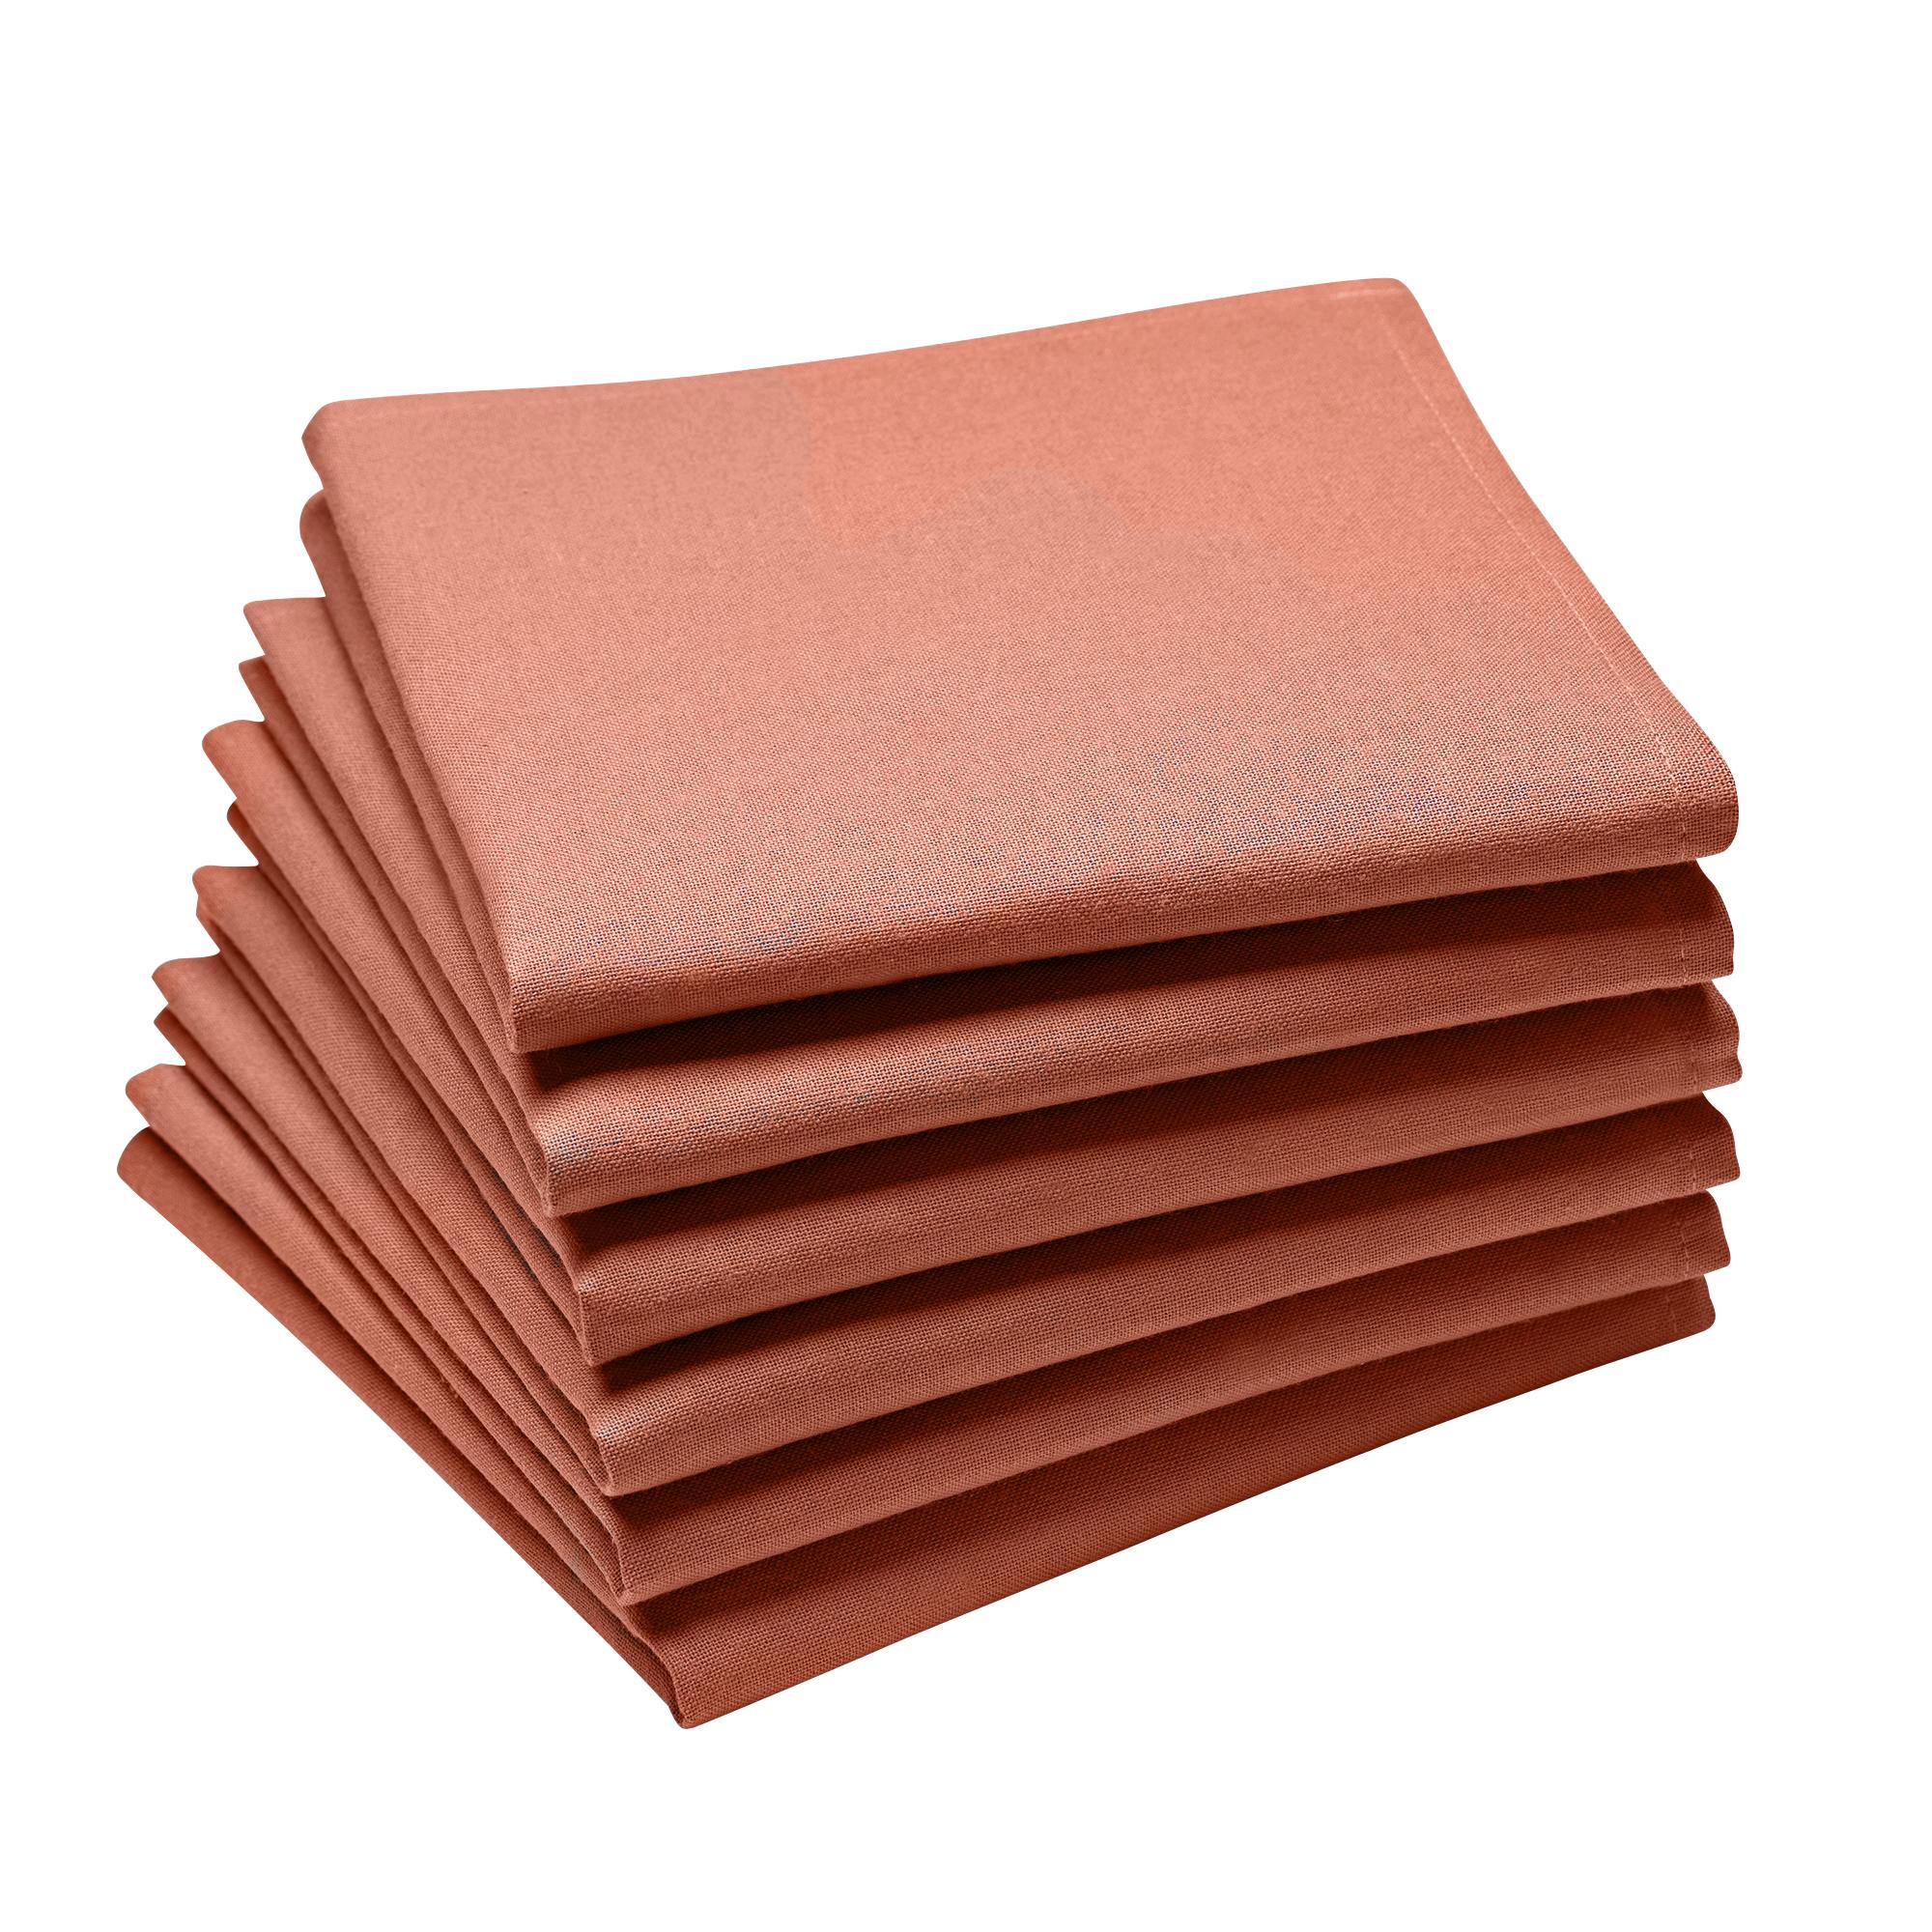 Lot de 6 serviettes en coton traite Teflon, Paprika 45 x 45